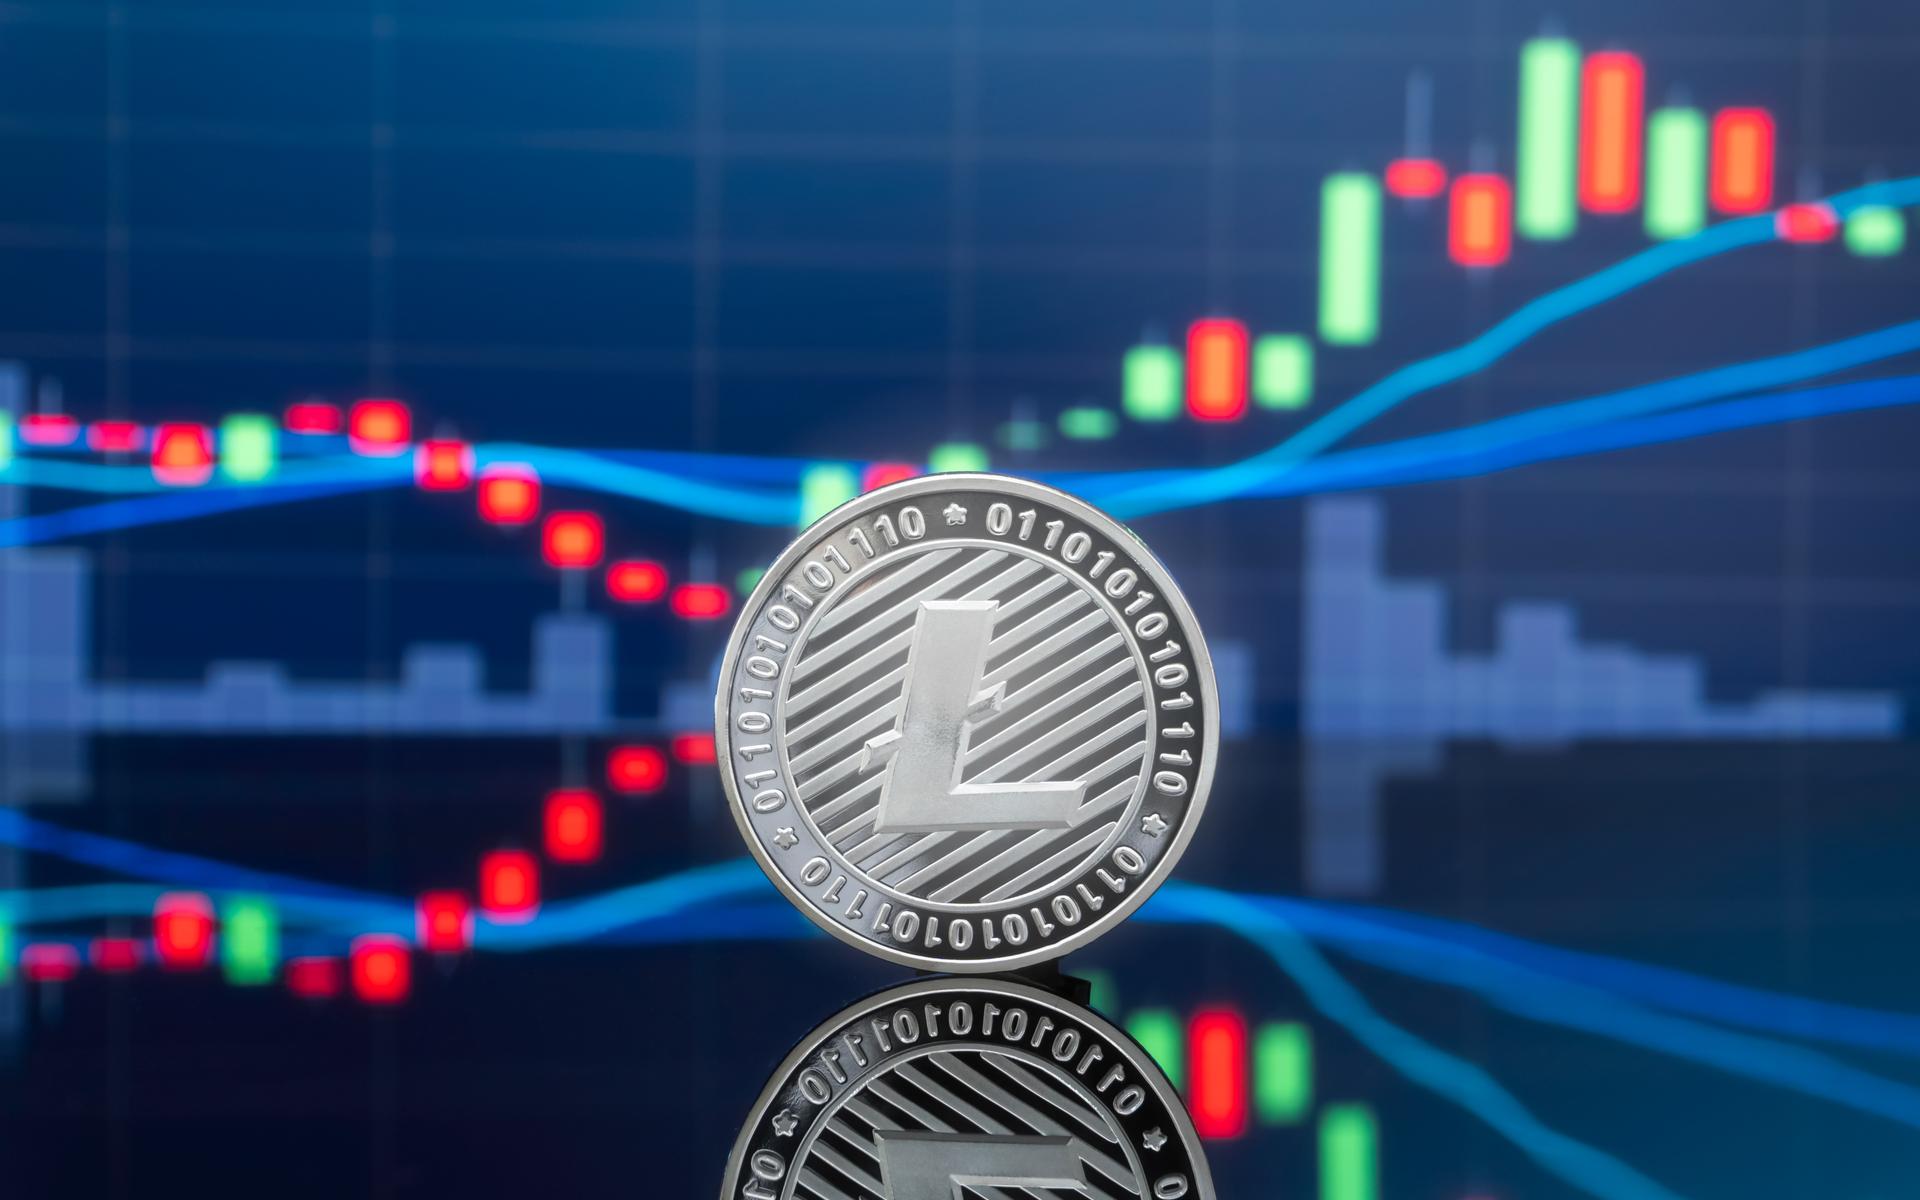 Парень случайно заплатил комиссию в $20 000 в Litecoin